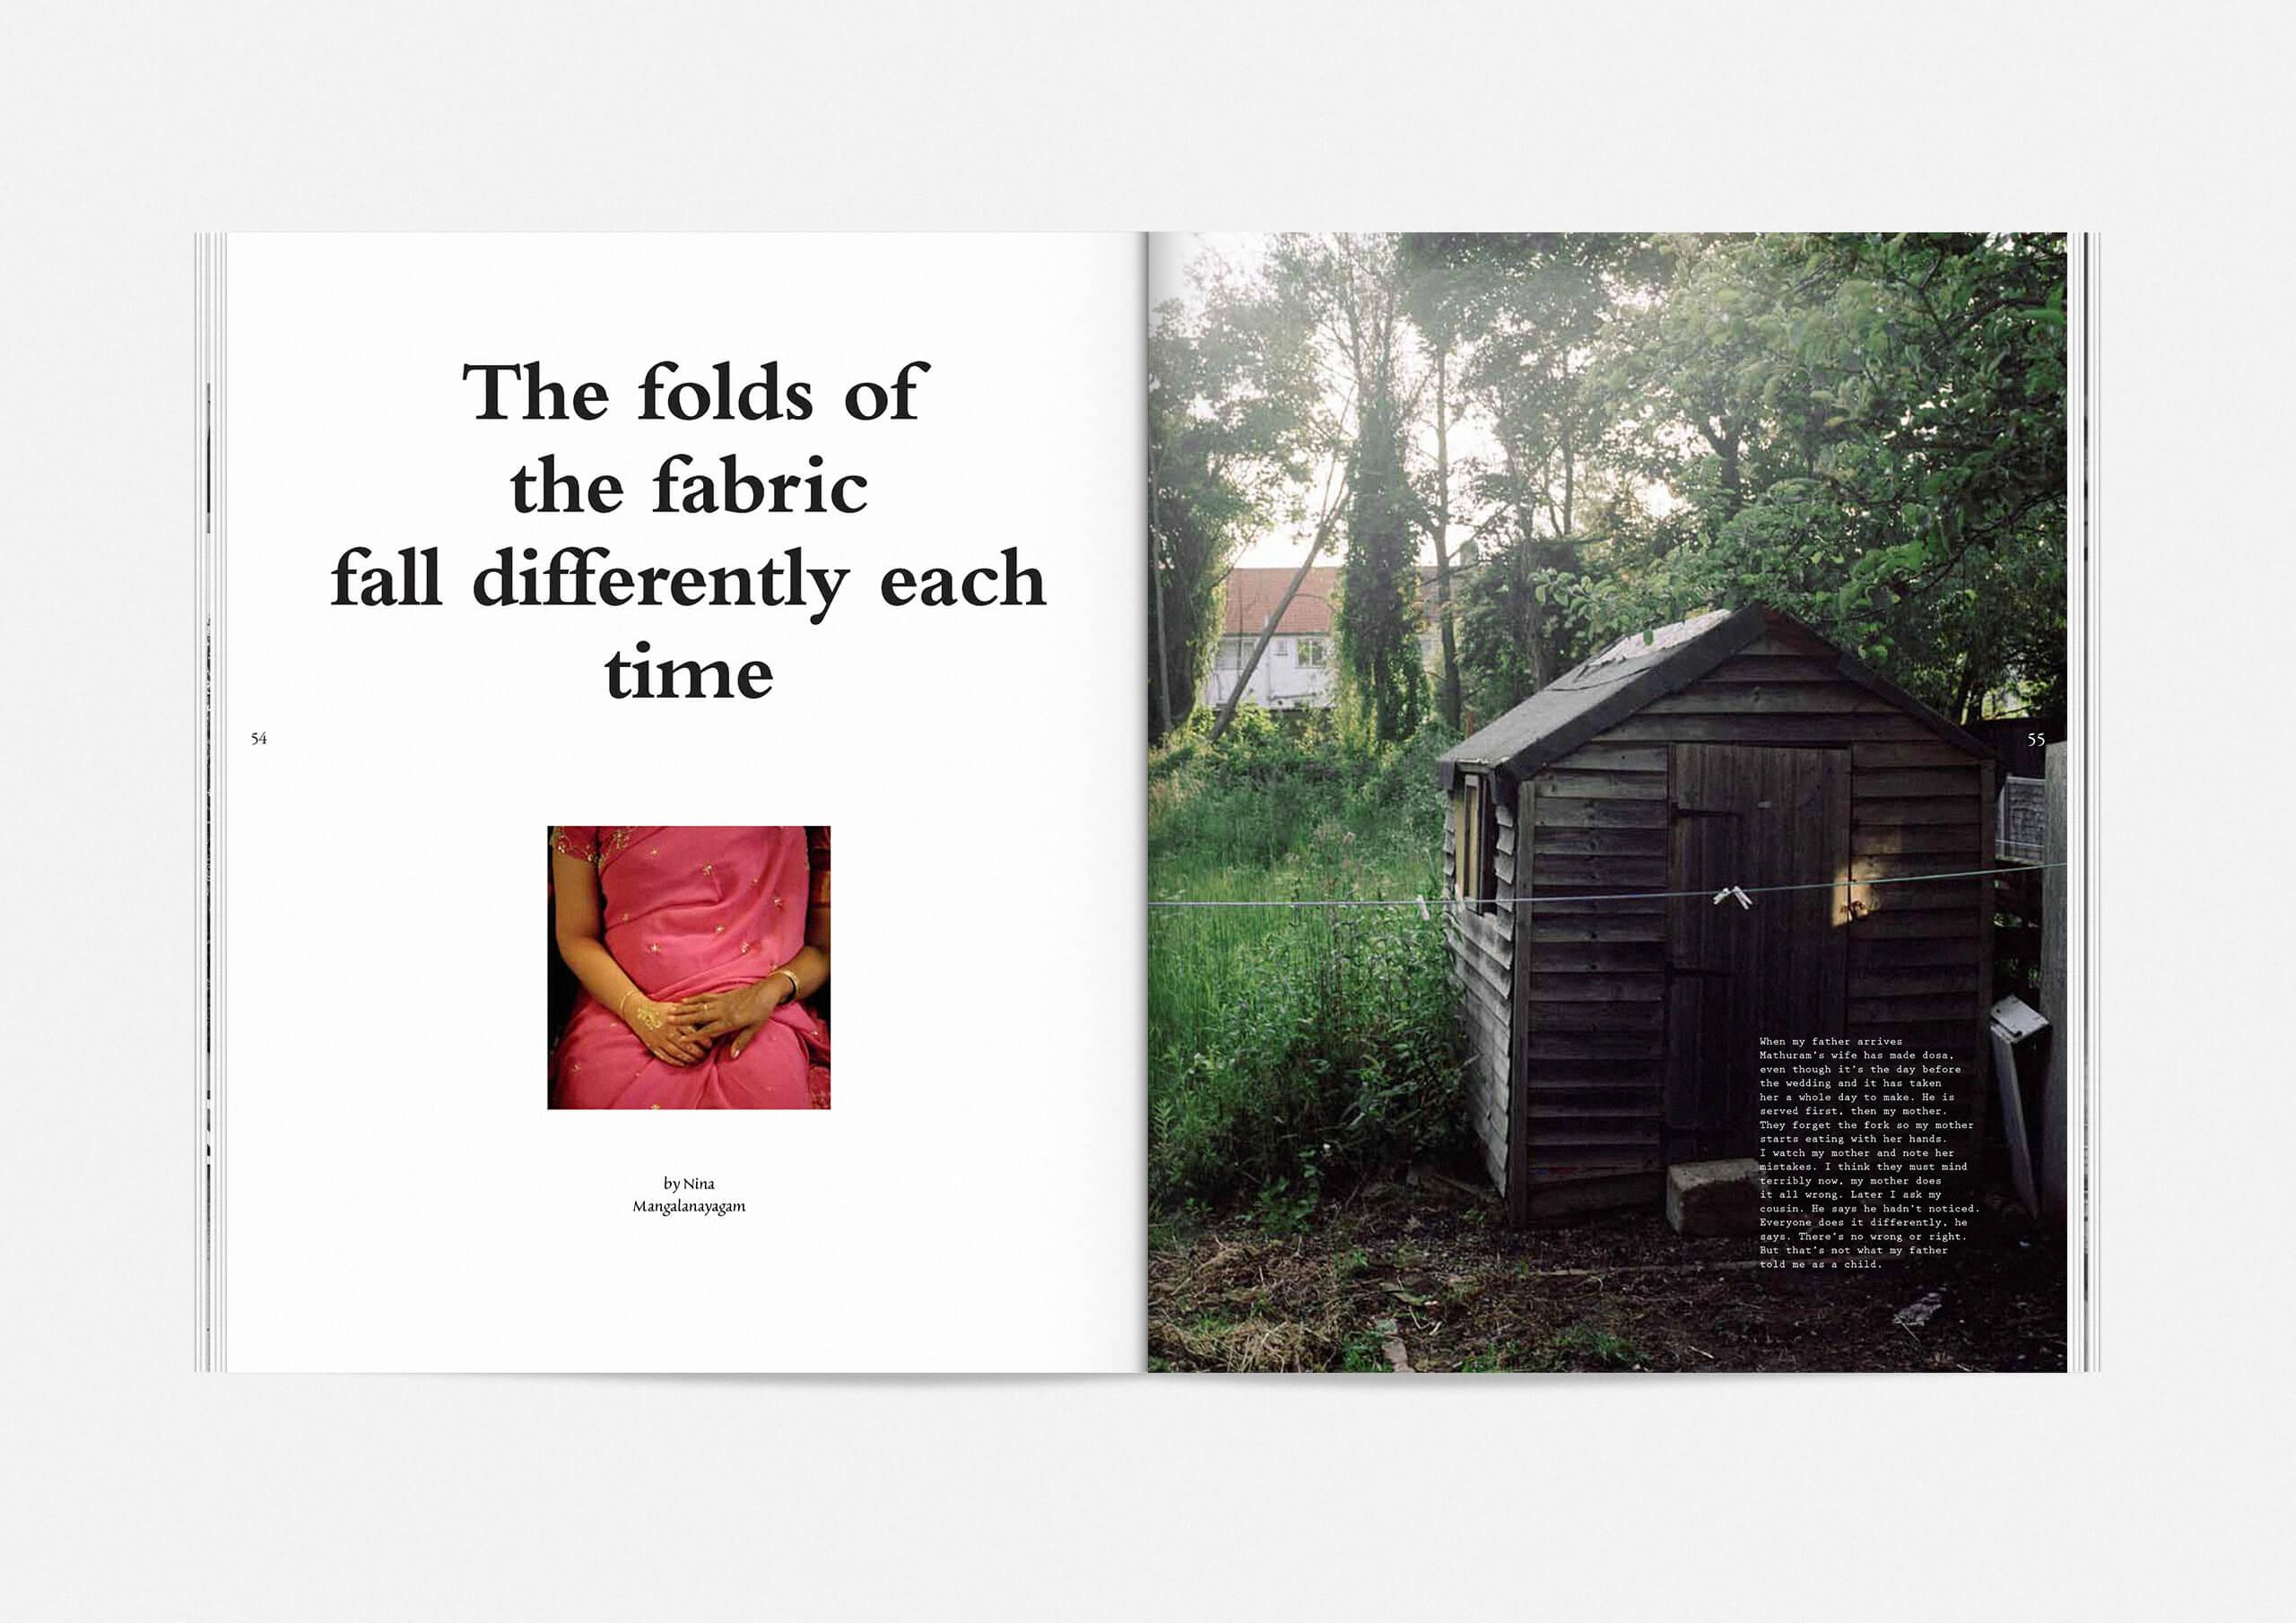 https://neuegestaltung.de/media/pages/clients/teller-magazine-issue-1/8cef238cc8-1597415427/teller_issue_01_innenseite_54_55_ng.jpg